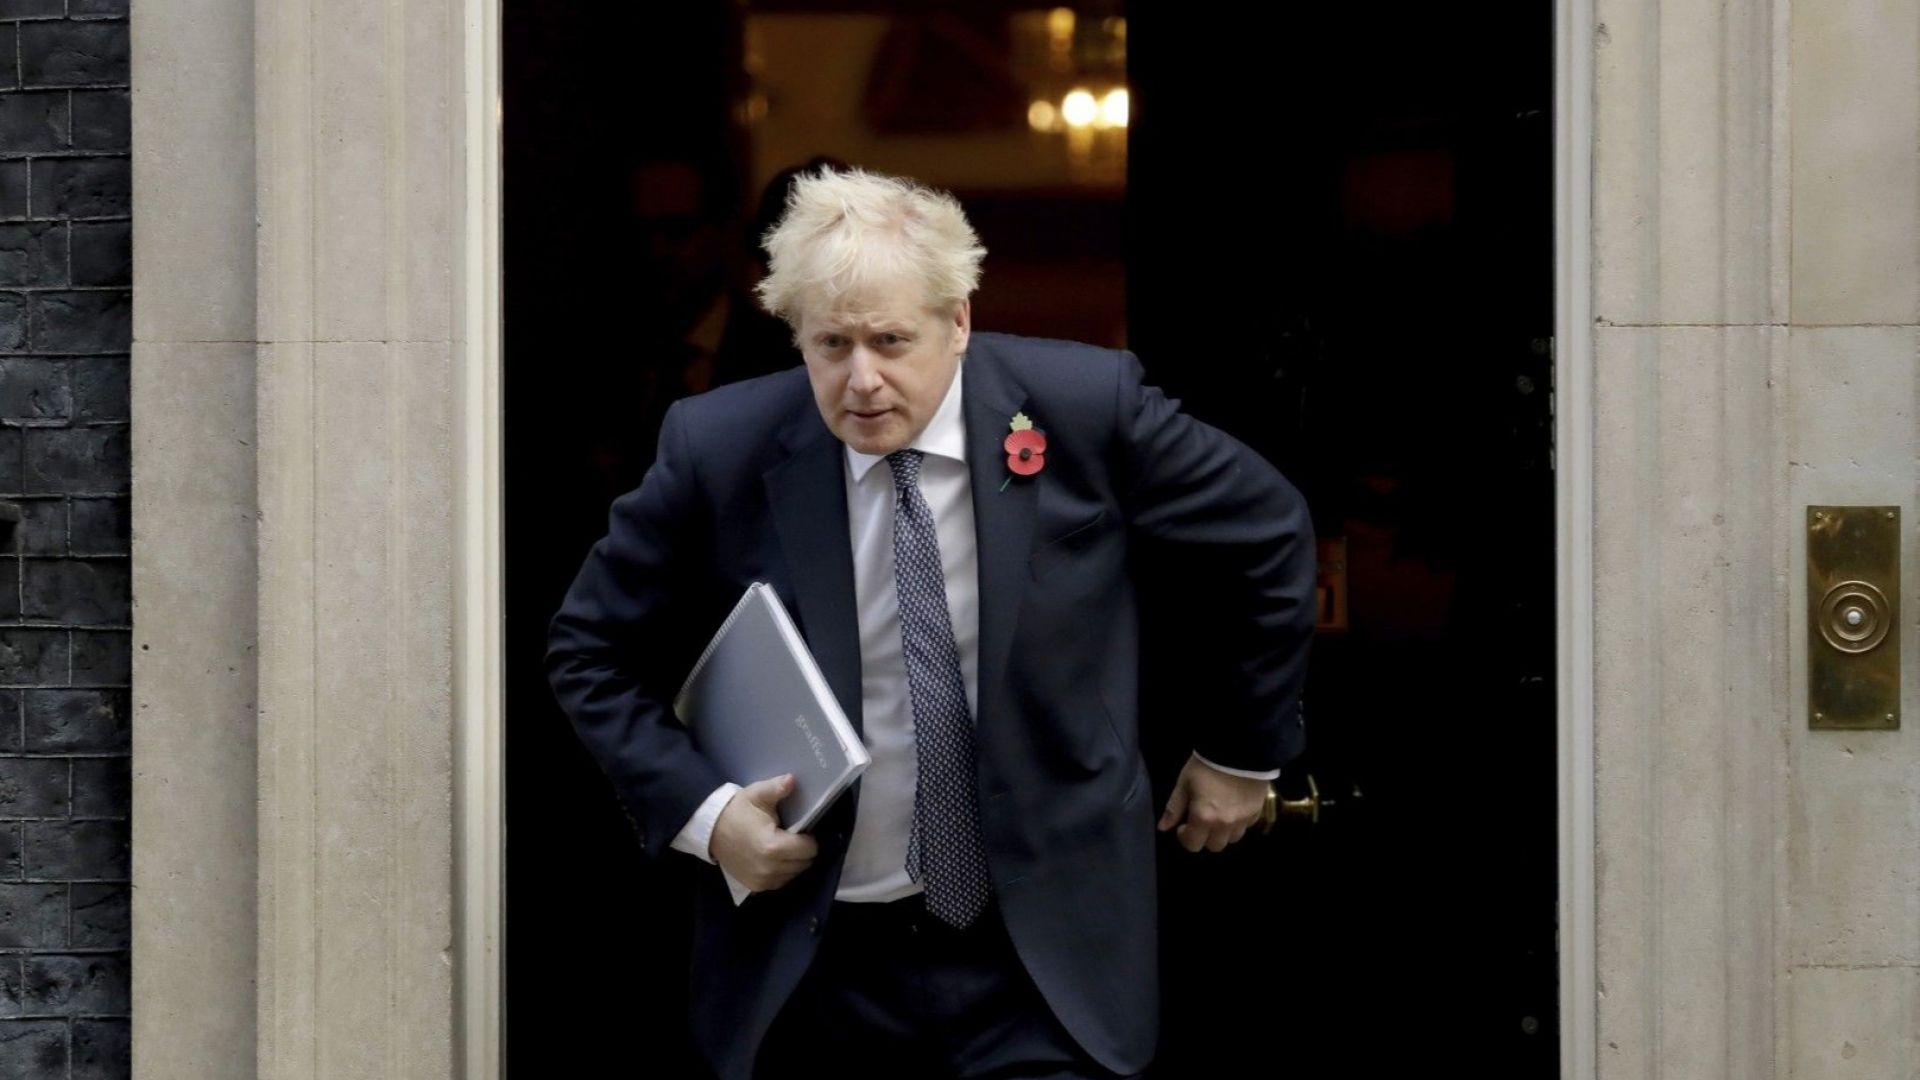 Обединеното кралство ще връща славата си на най-голяма морска сила